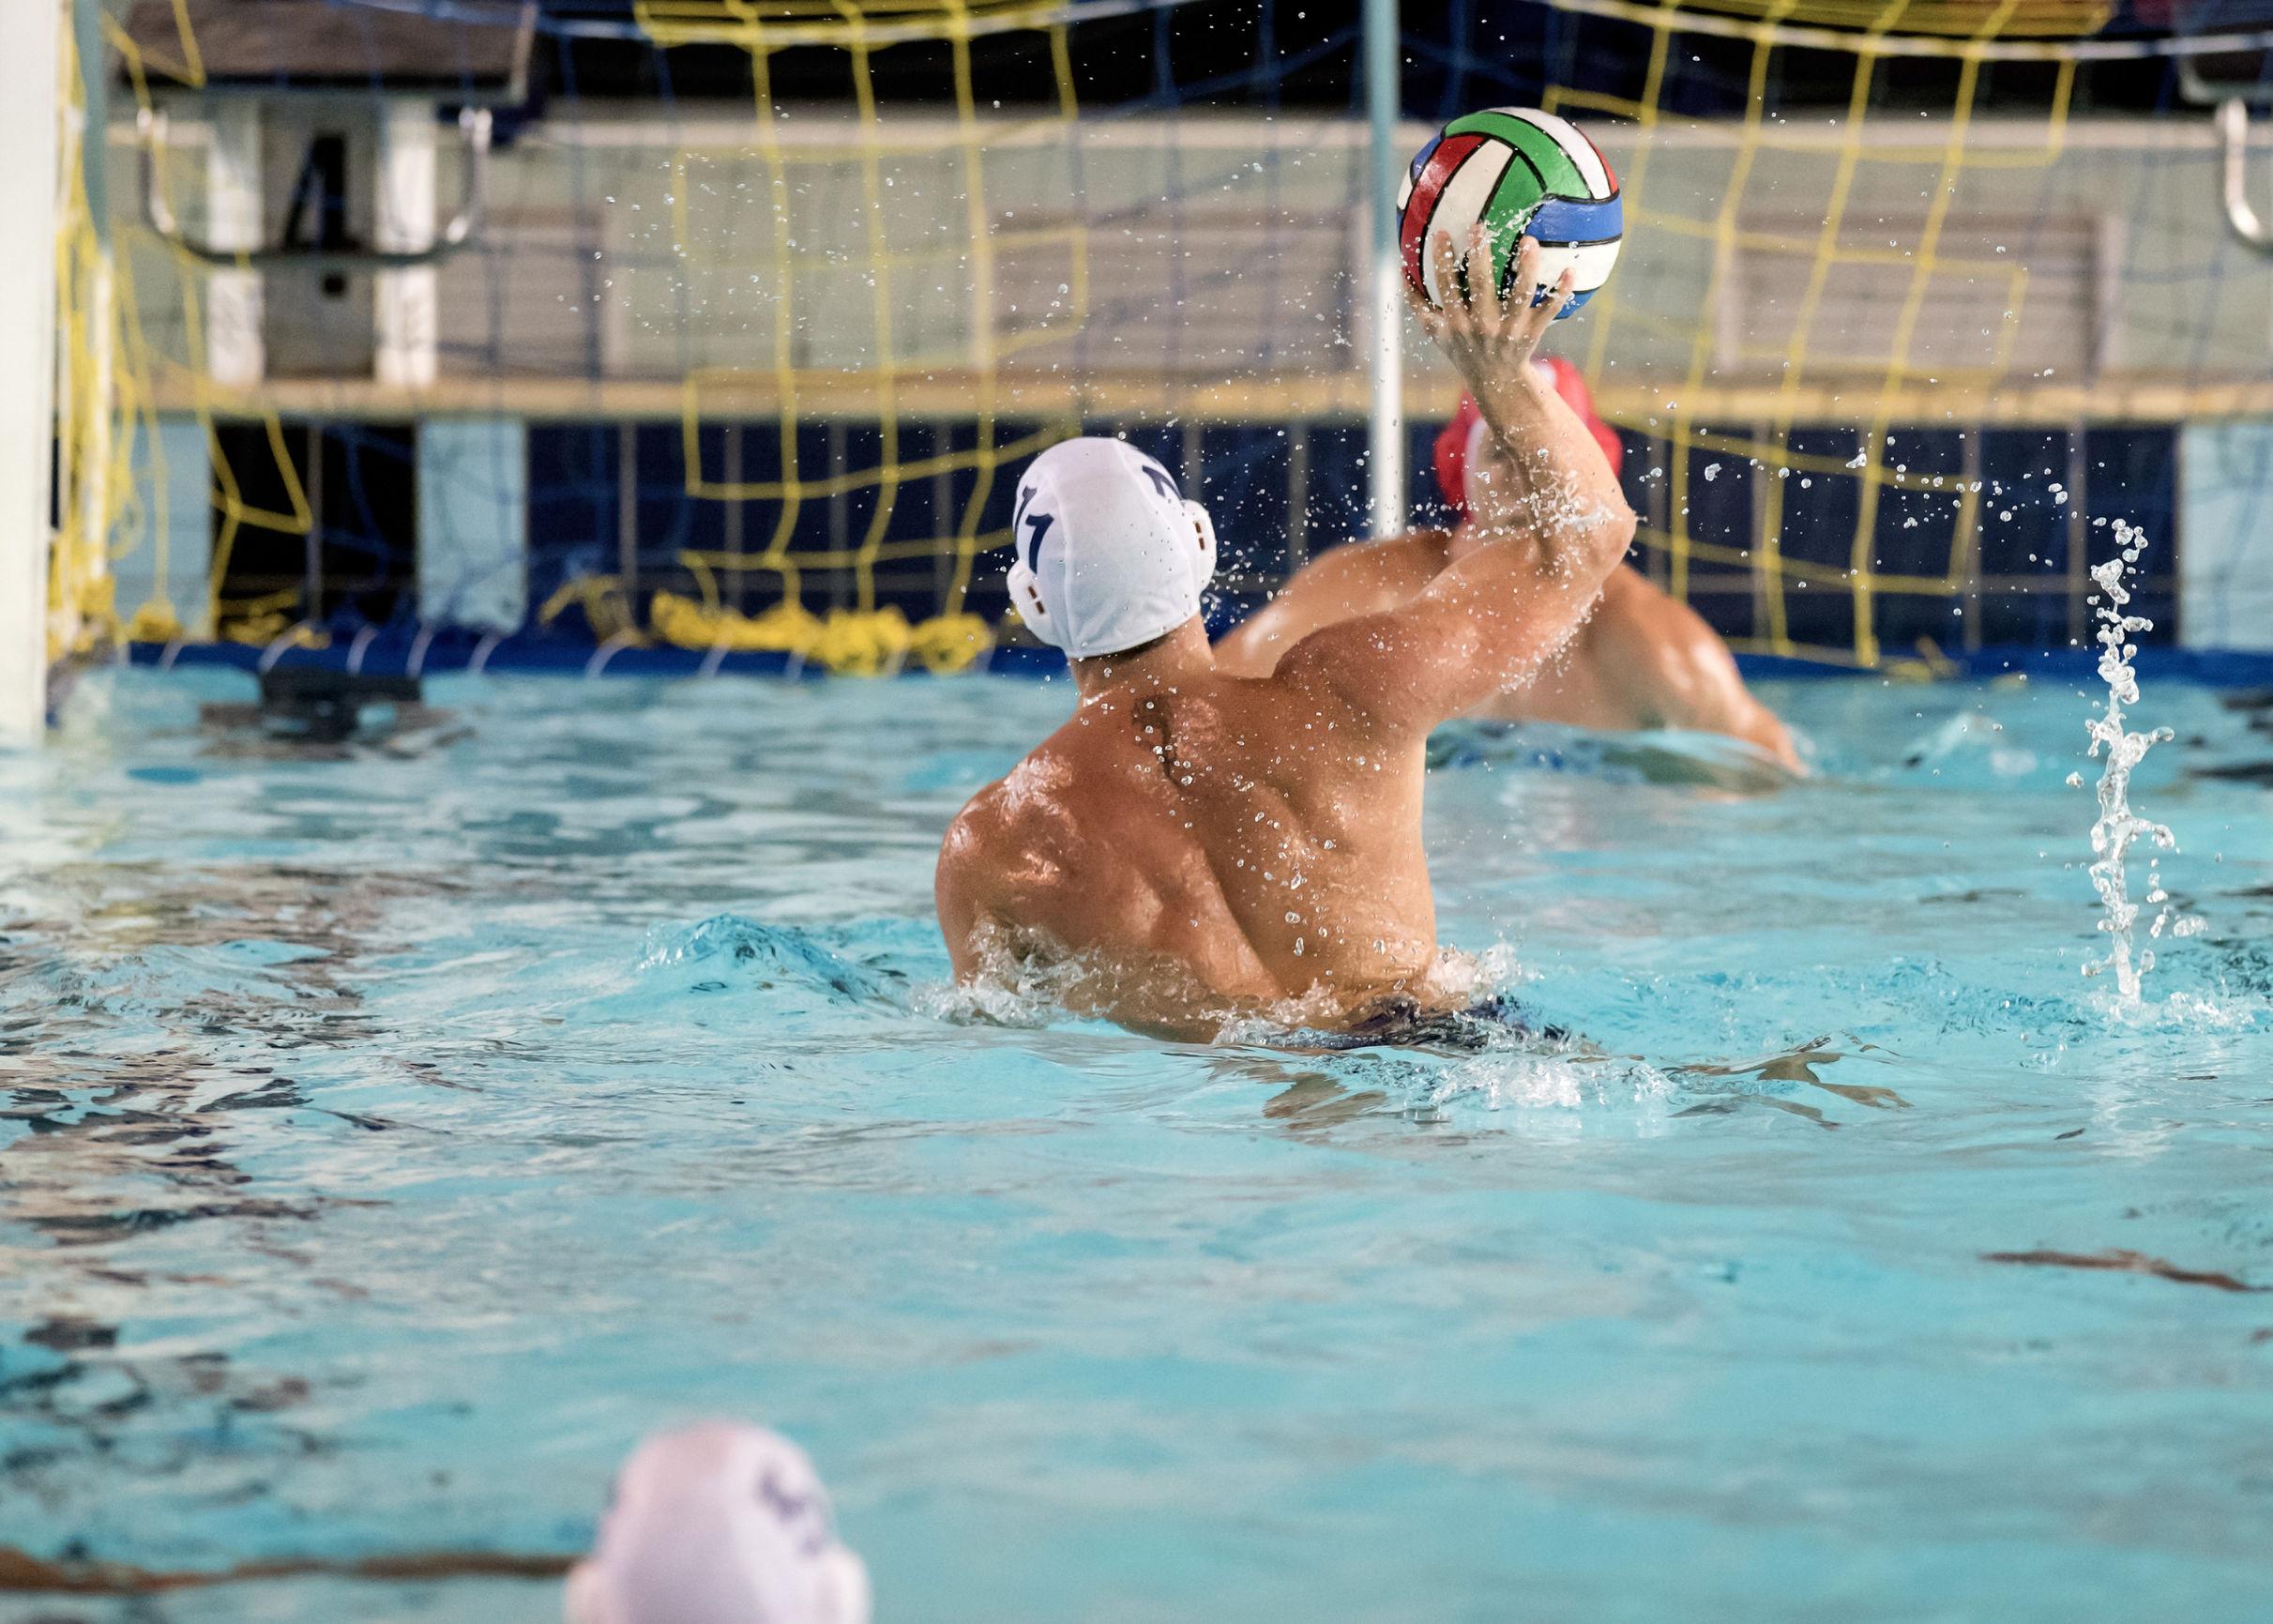 Benefici e svantaggi degli sport in acqua